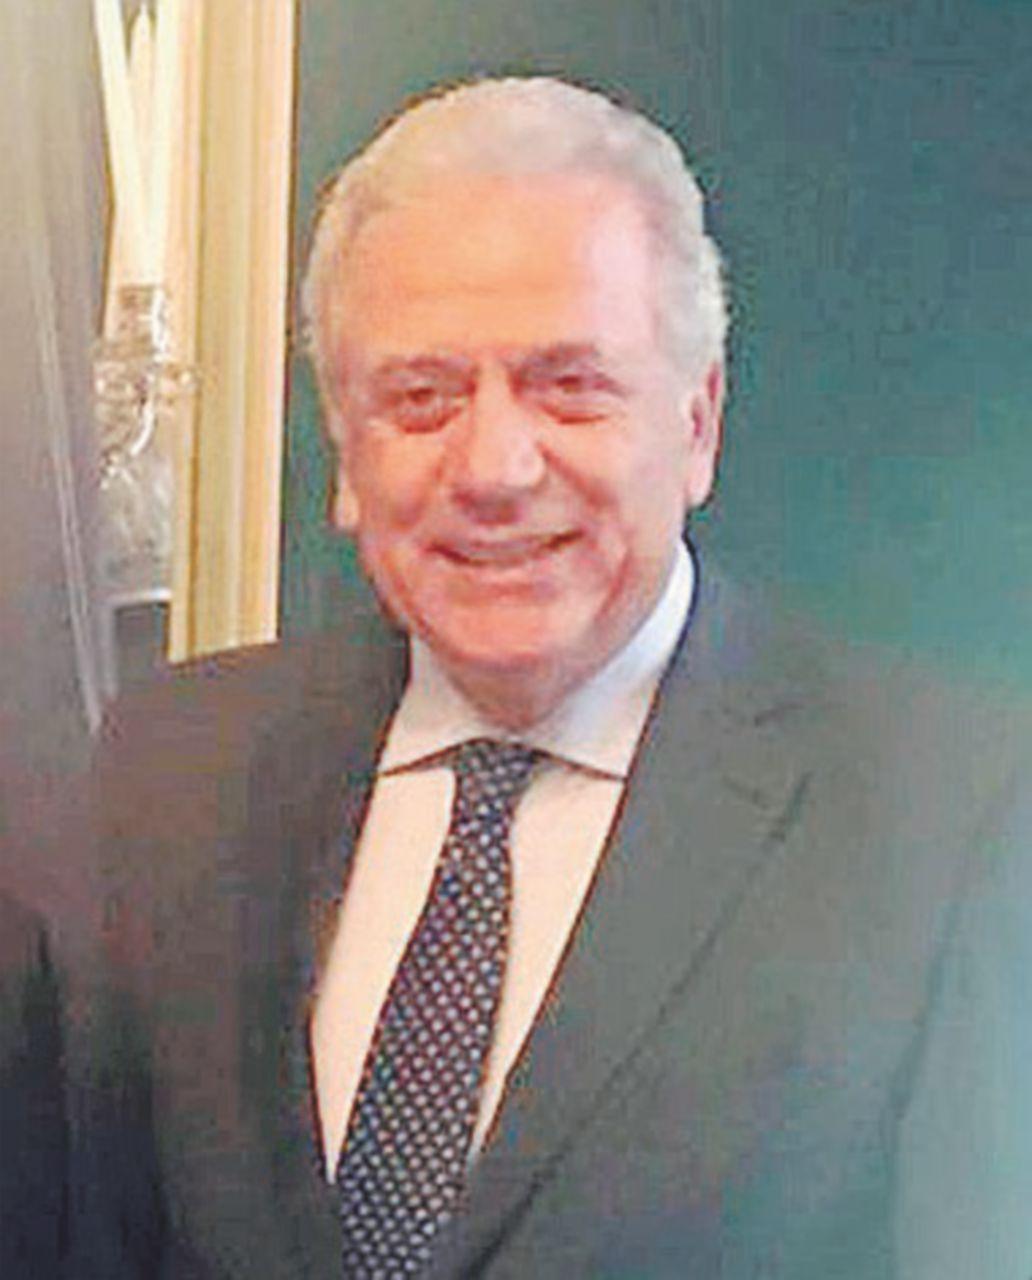 Asilo, l'Italia cambia alleanze e va con le destre di Visegrad. Scontro sui respingimenti